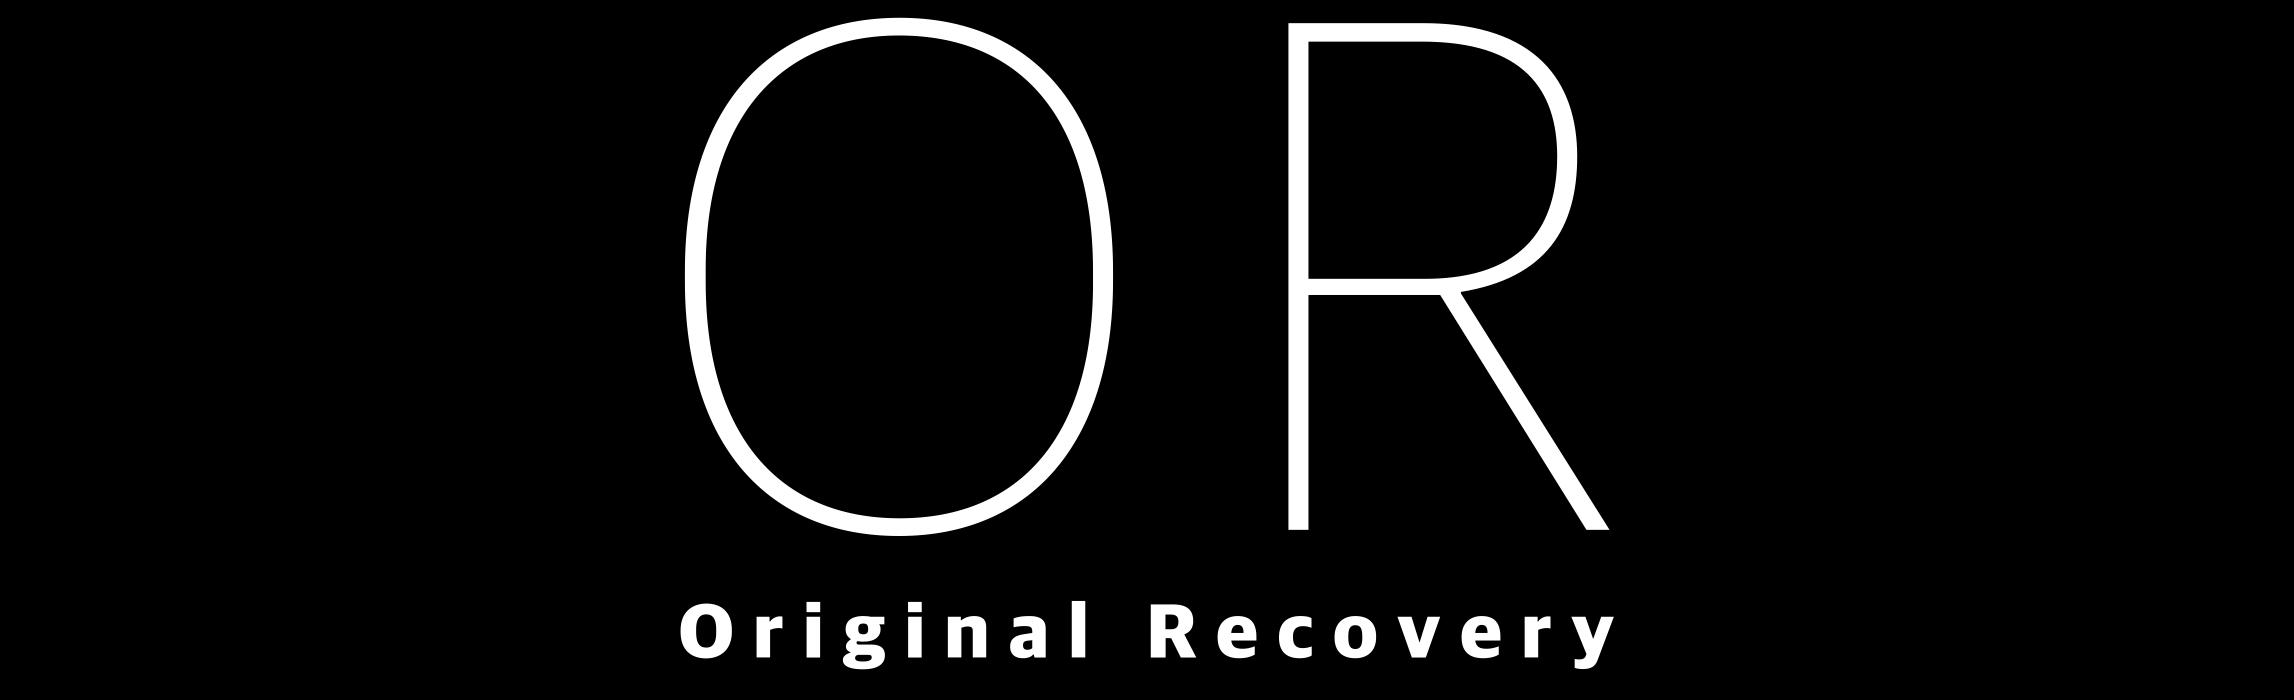 Original Recovery